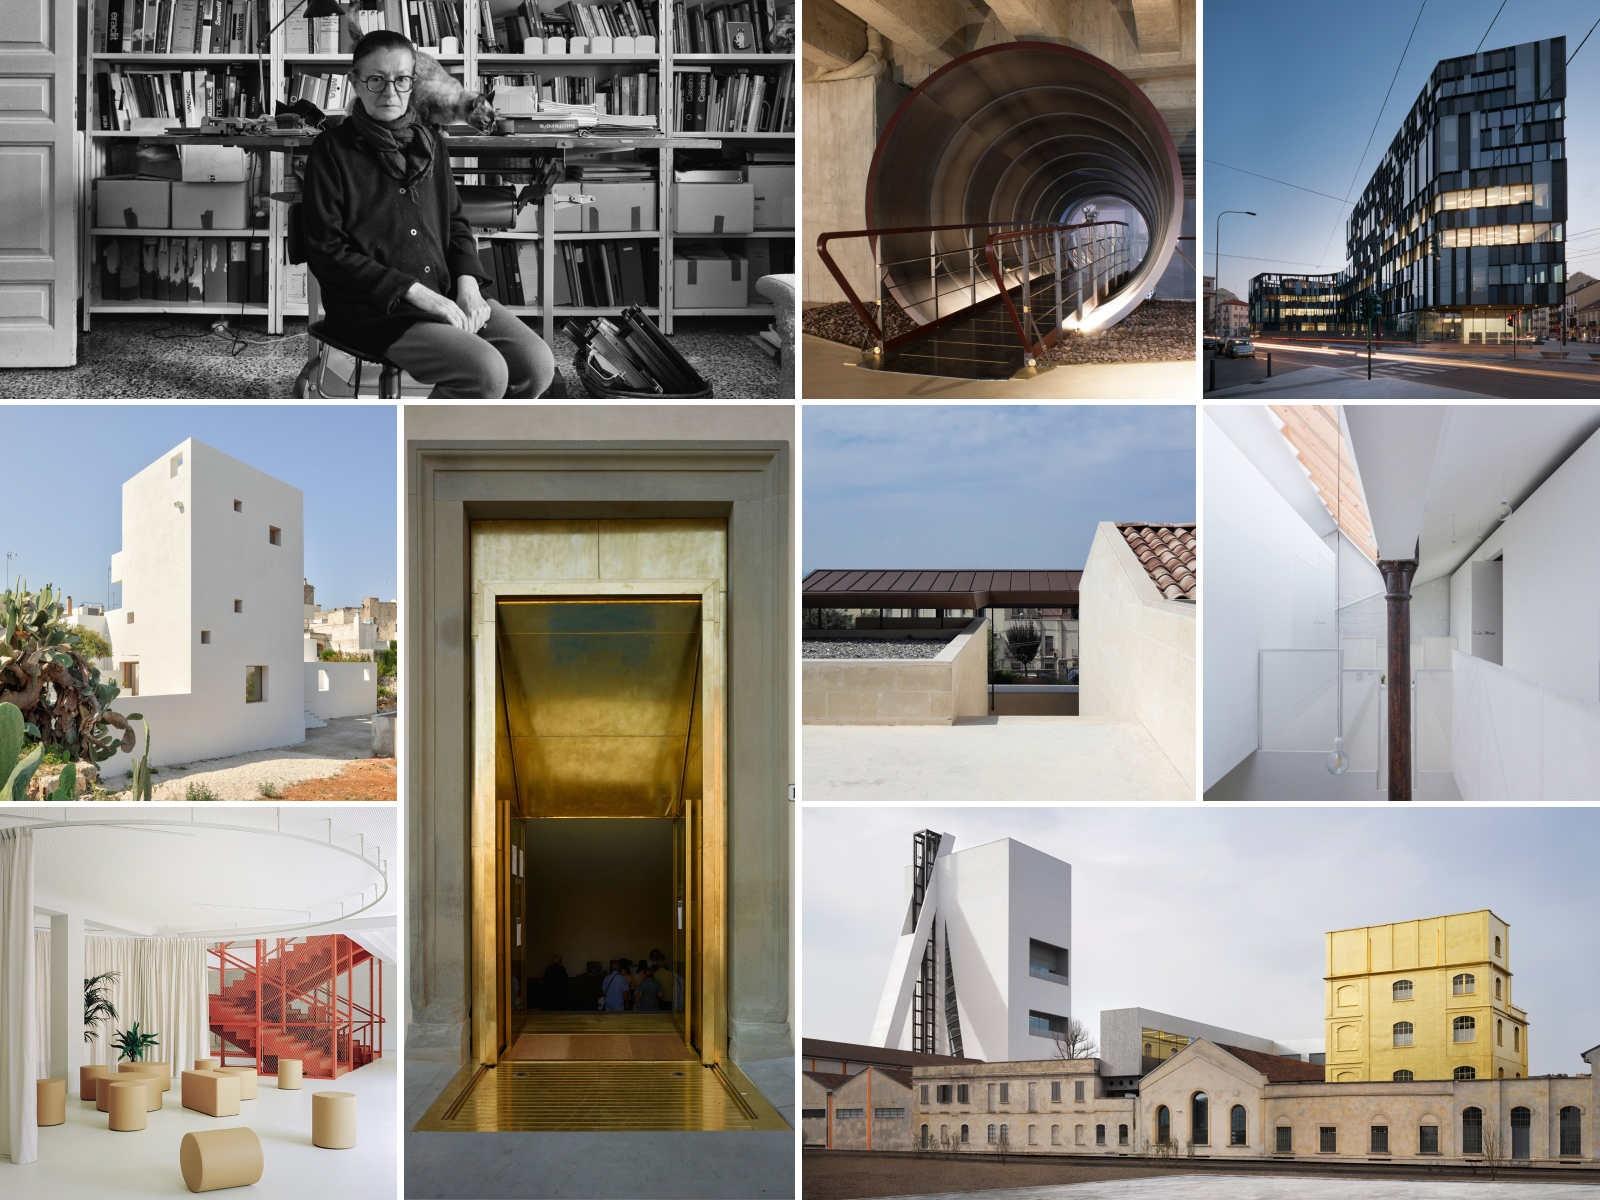 IN/ARCHITETTURA e i Premi assegnati per il 2020 a tutte le regioni italiane